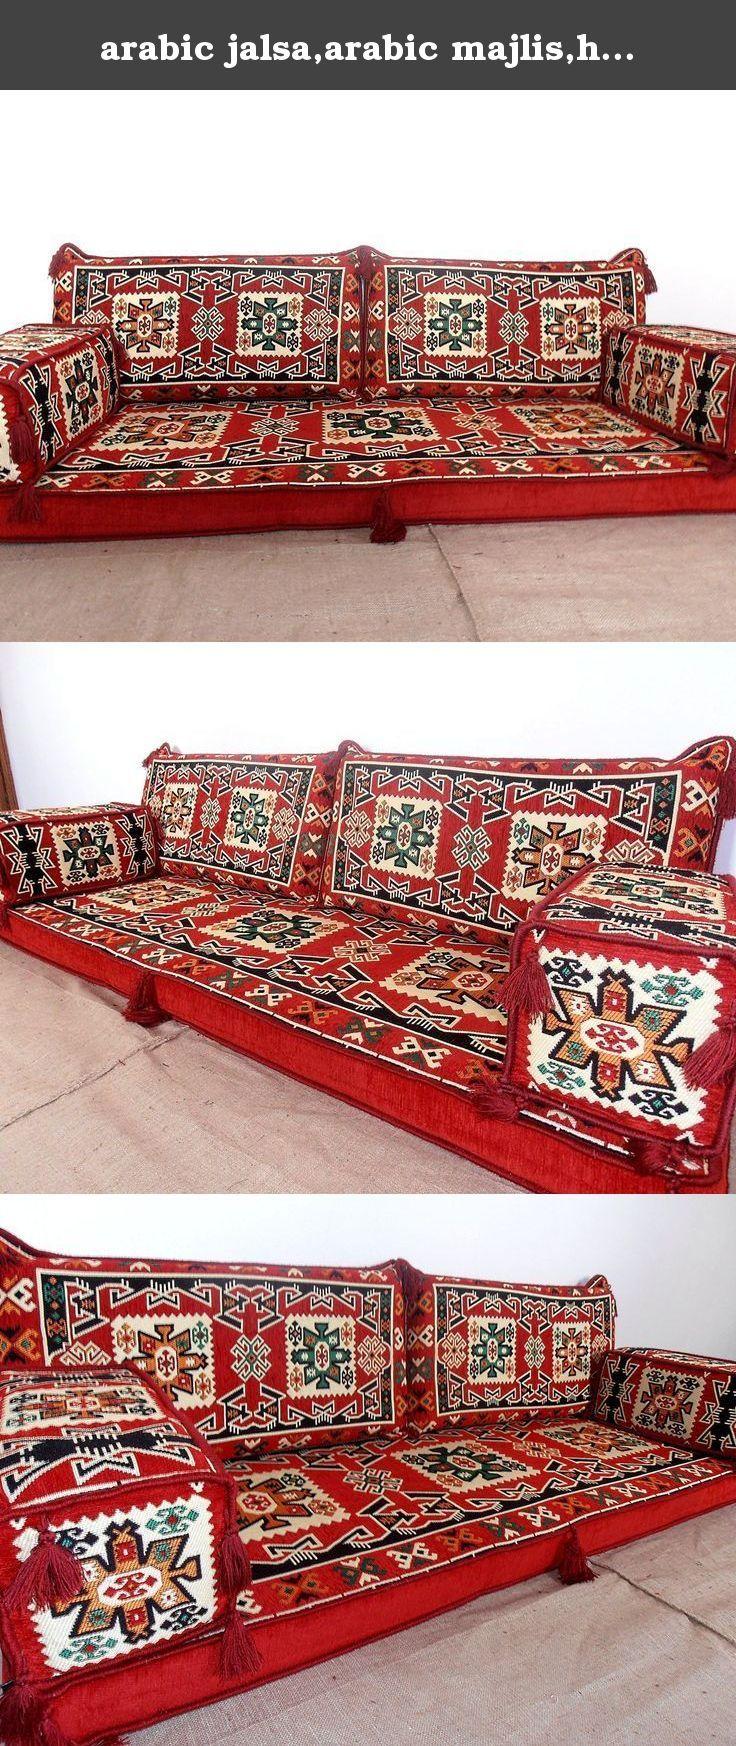 Arabic jalsaarabic majlishookah bar furnitureoriental seatingfloor couchfloor cushionsfloor seatingkilim sofa setscushion covers ma 33